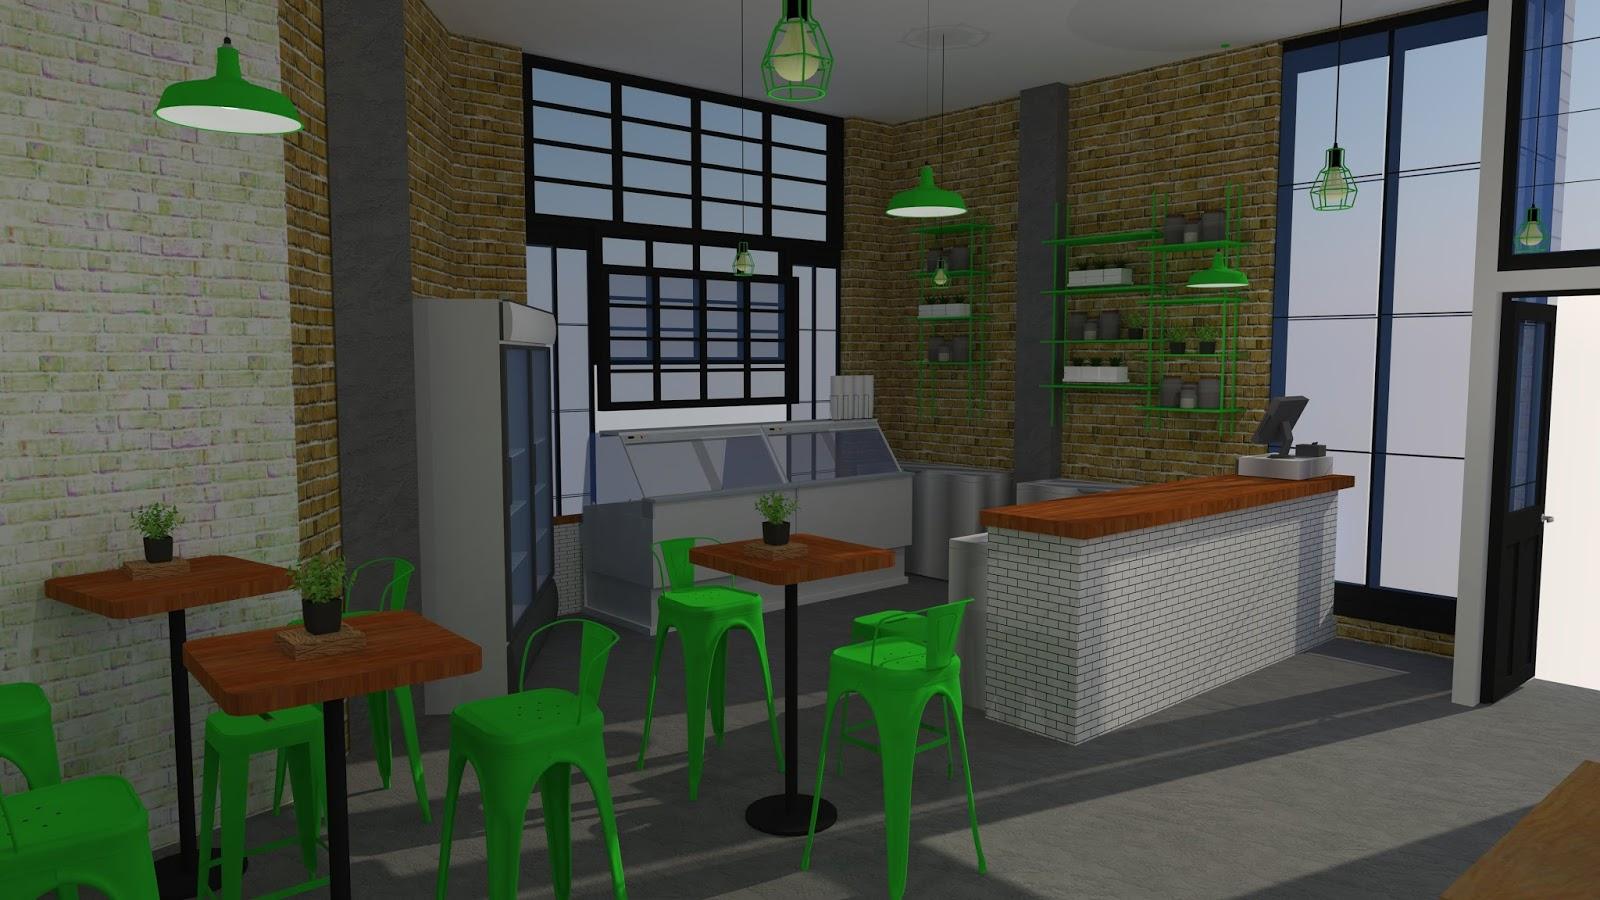 Dise o de interiores escuela de arte de motril cafetr a Escuela arte 4 diseno de interiores